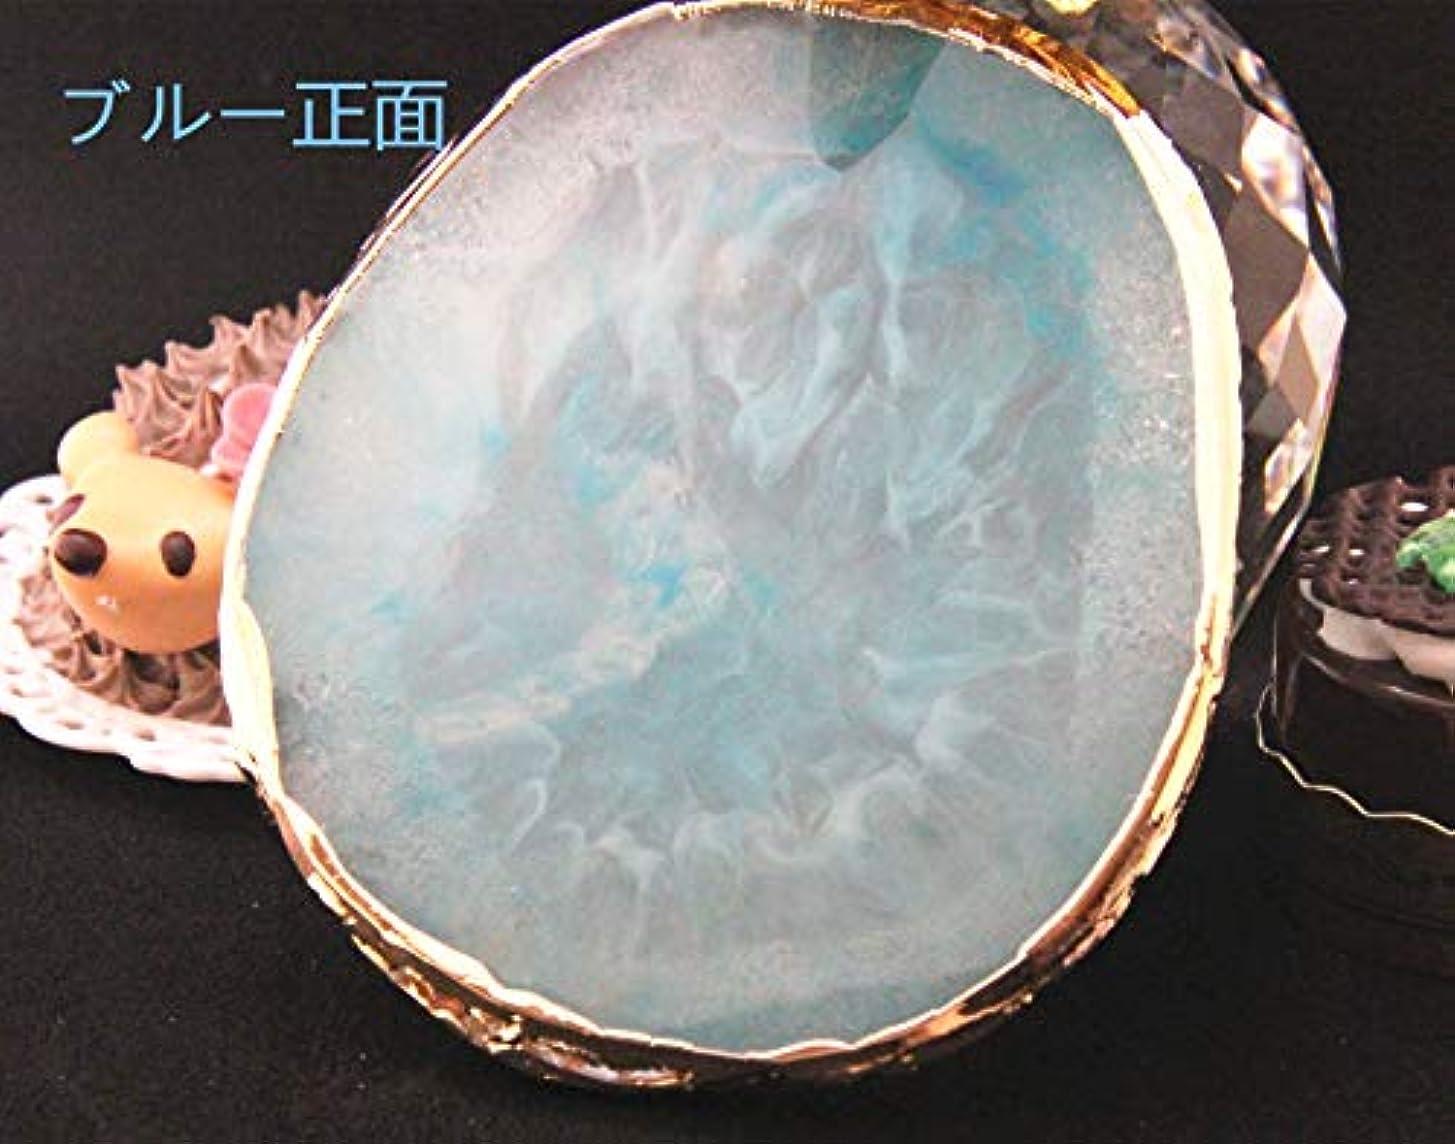 カーペットソーセージ嫌がる003501Glitter Powderジェルネイル ブルー ネイル ジェルネイル パレット プレート ディスプレイ 天然石風 展示用 アゲートプレート デコ アクセサリー ジェルネイル (ブルー)